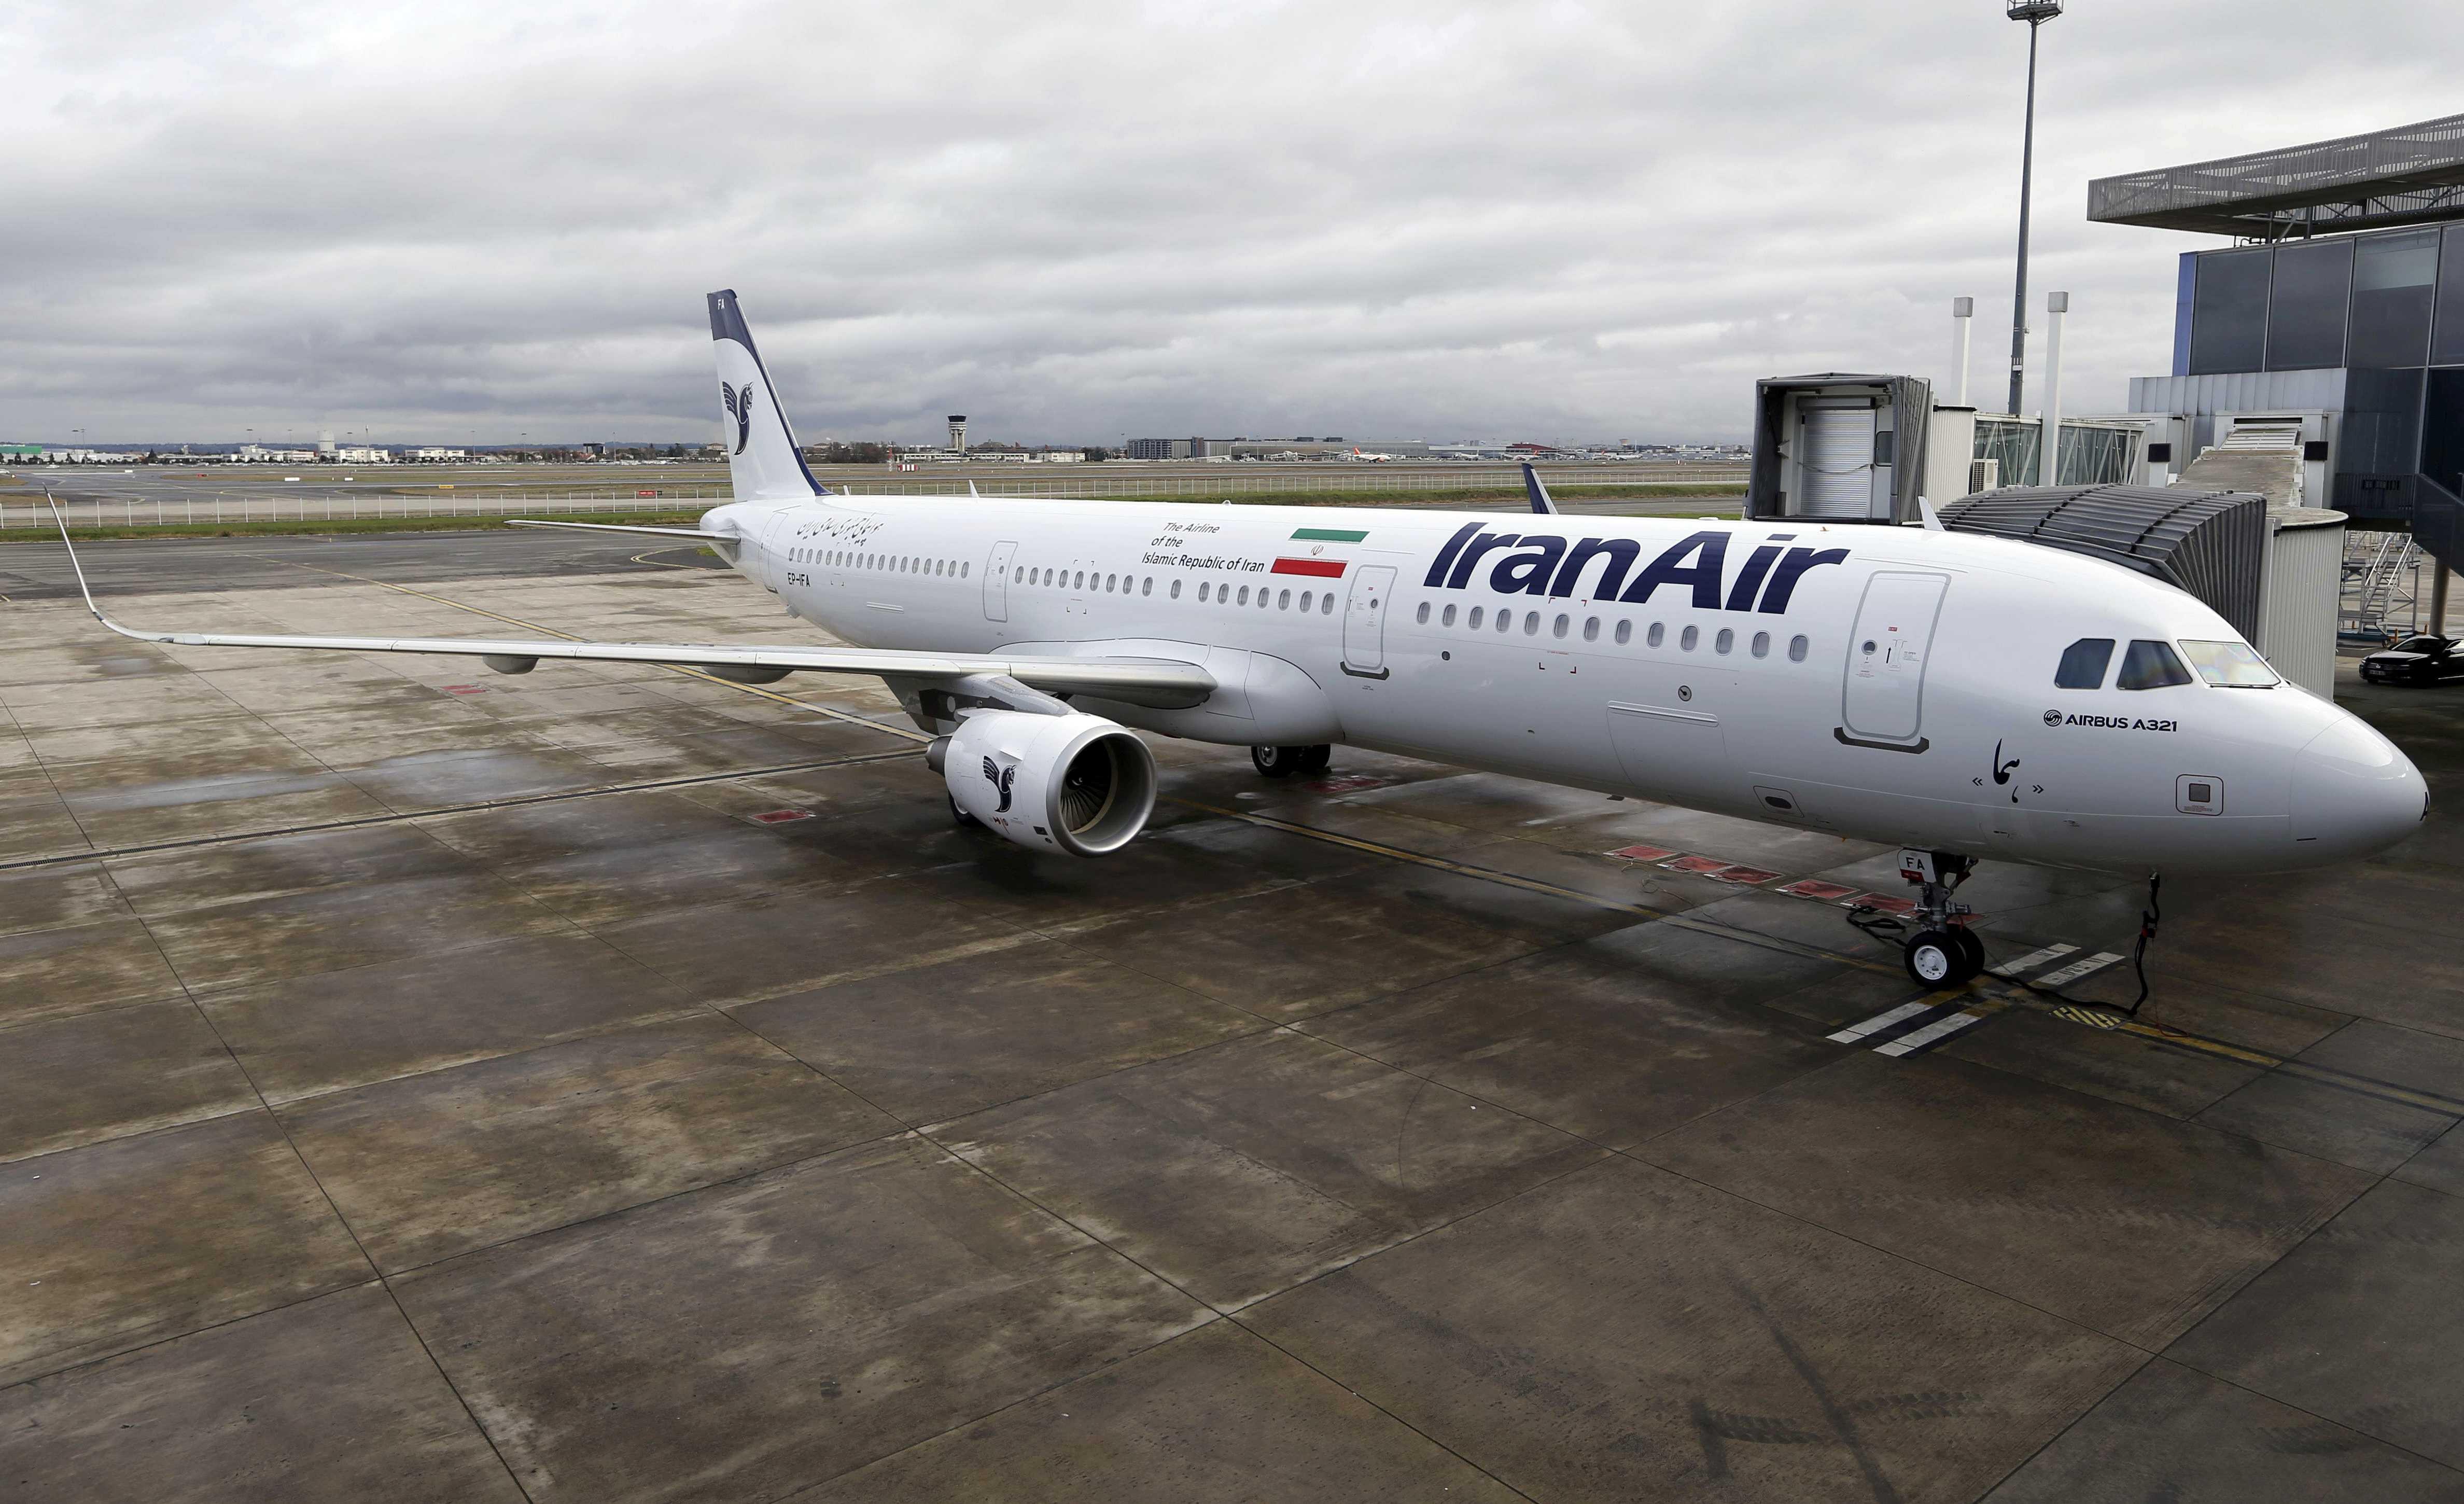 إيران تتسلم أول طائرة إيرباص منذ رفع العقوبات